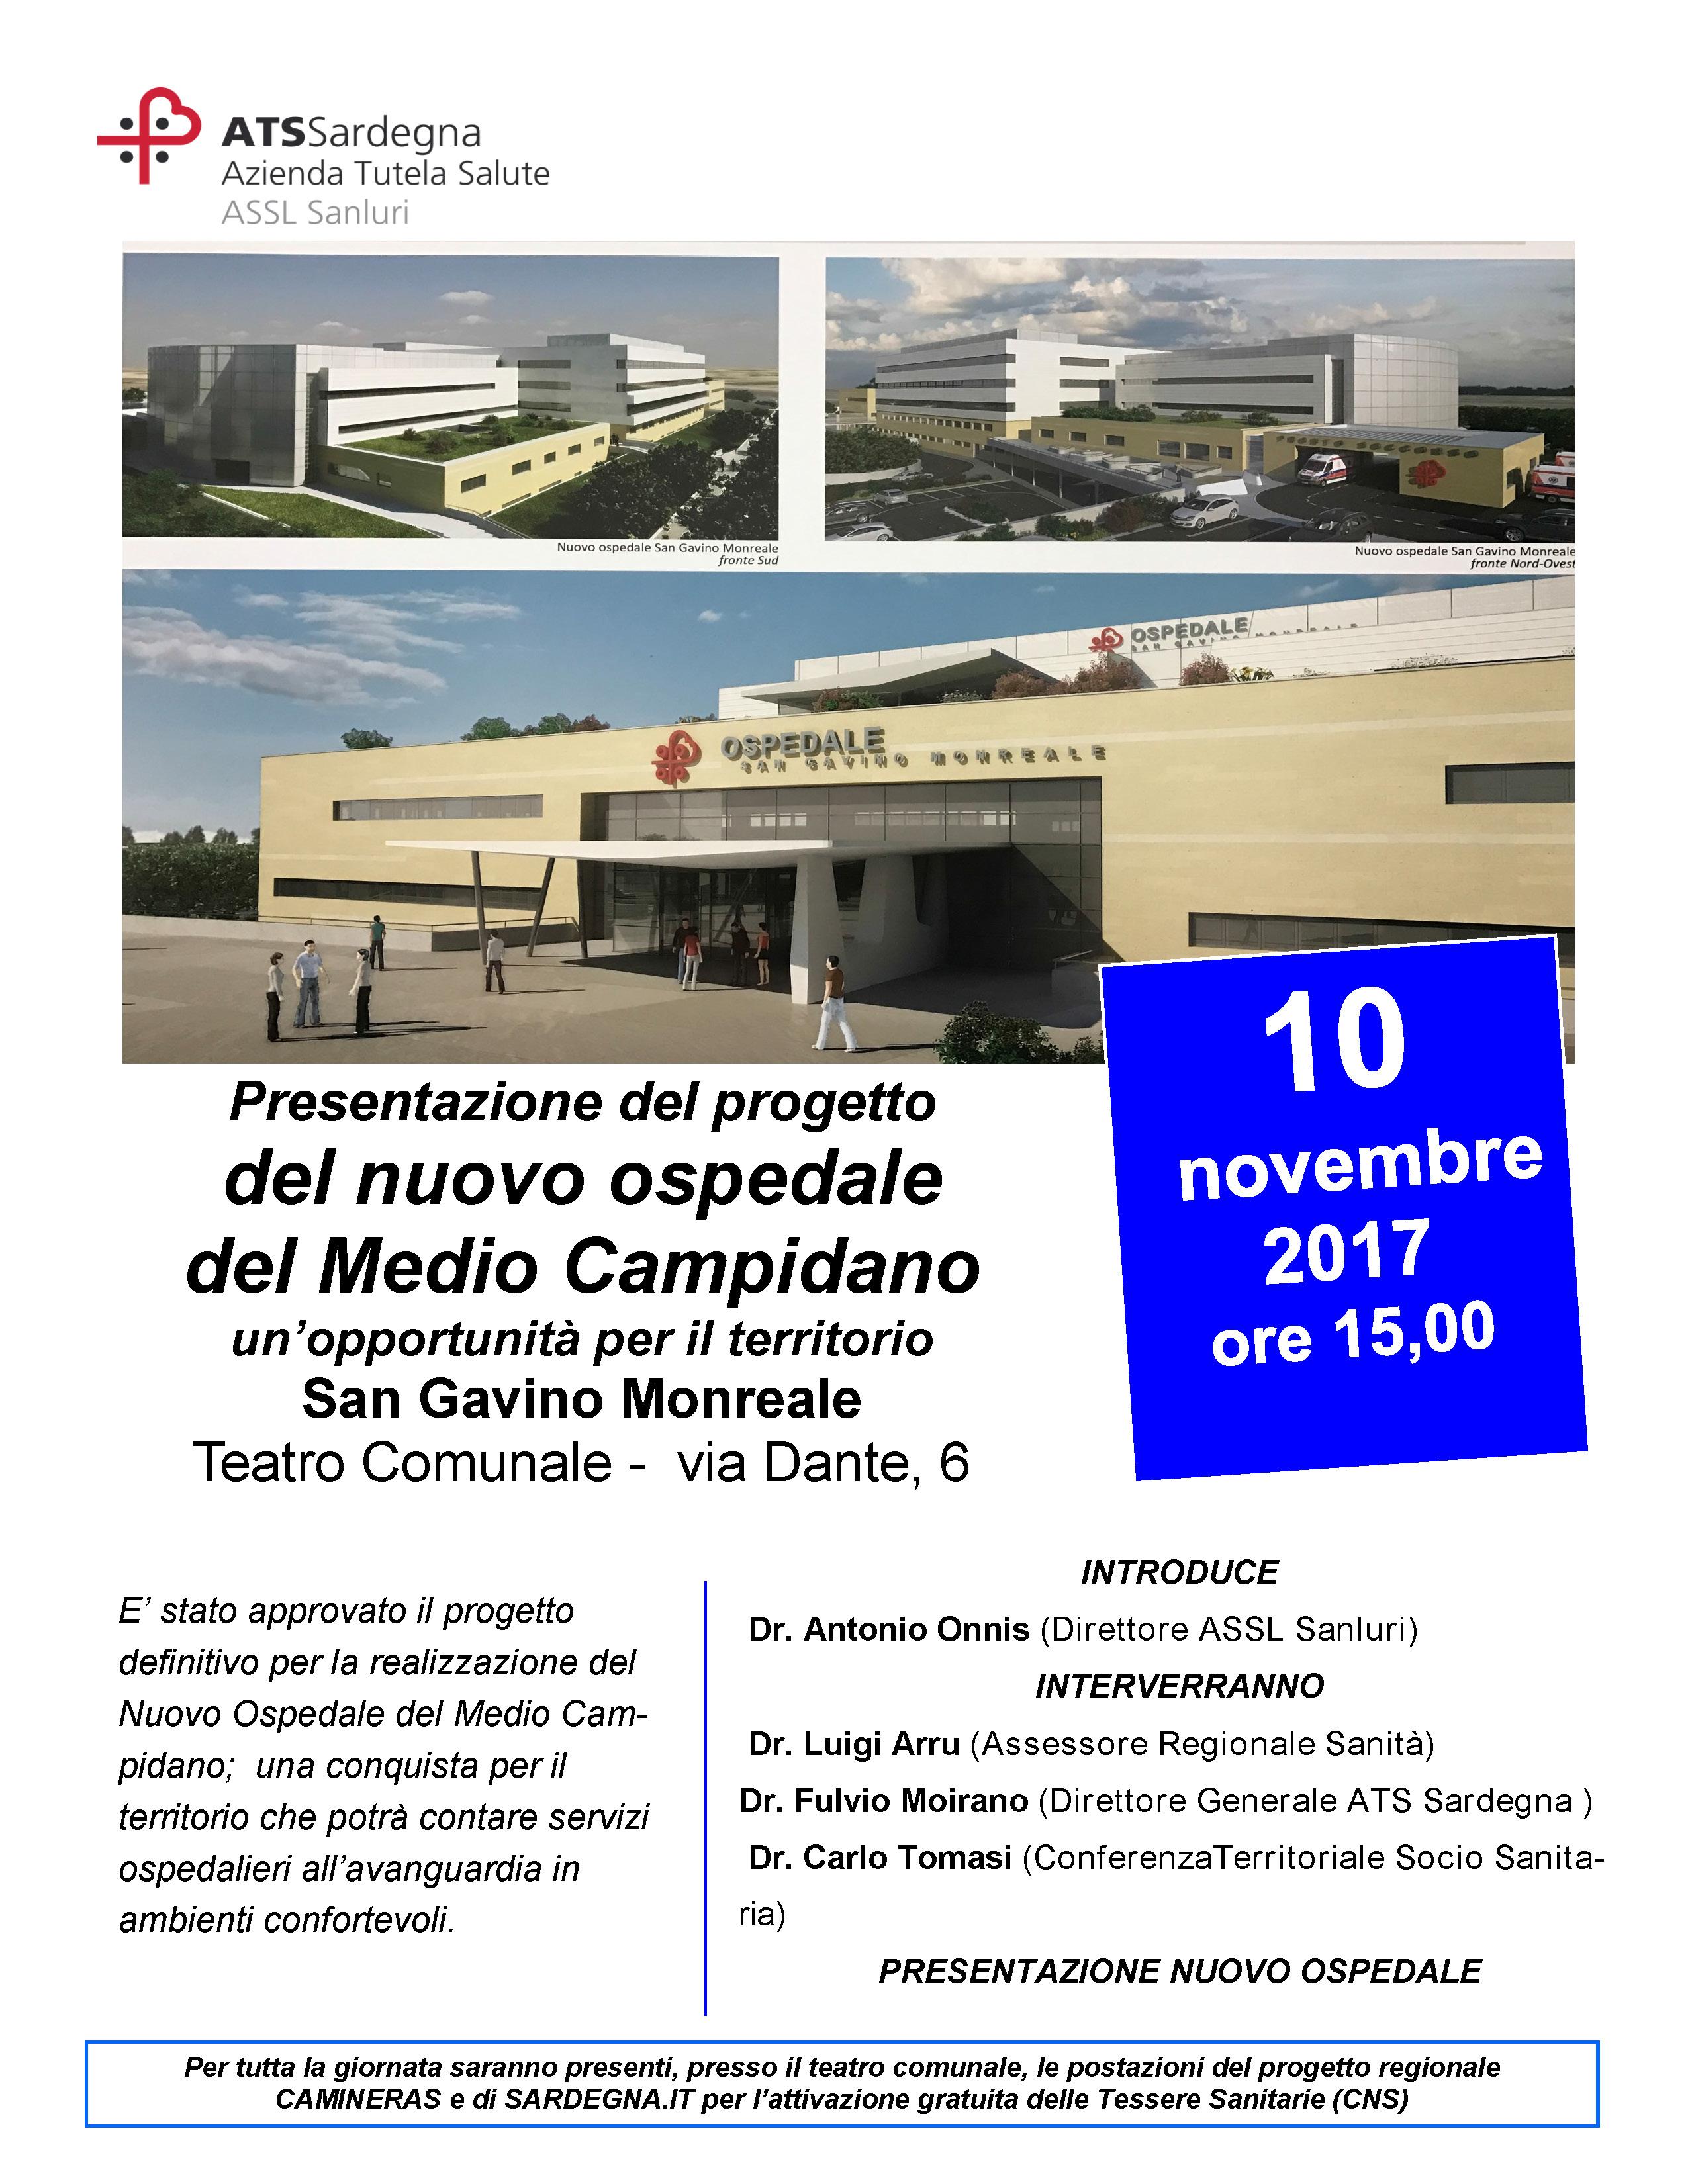 Presentazione del progetto del nuovo ospedale del Medio Campidano